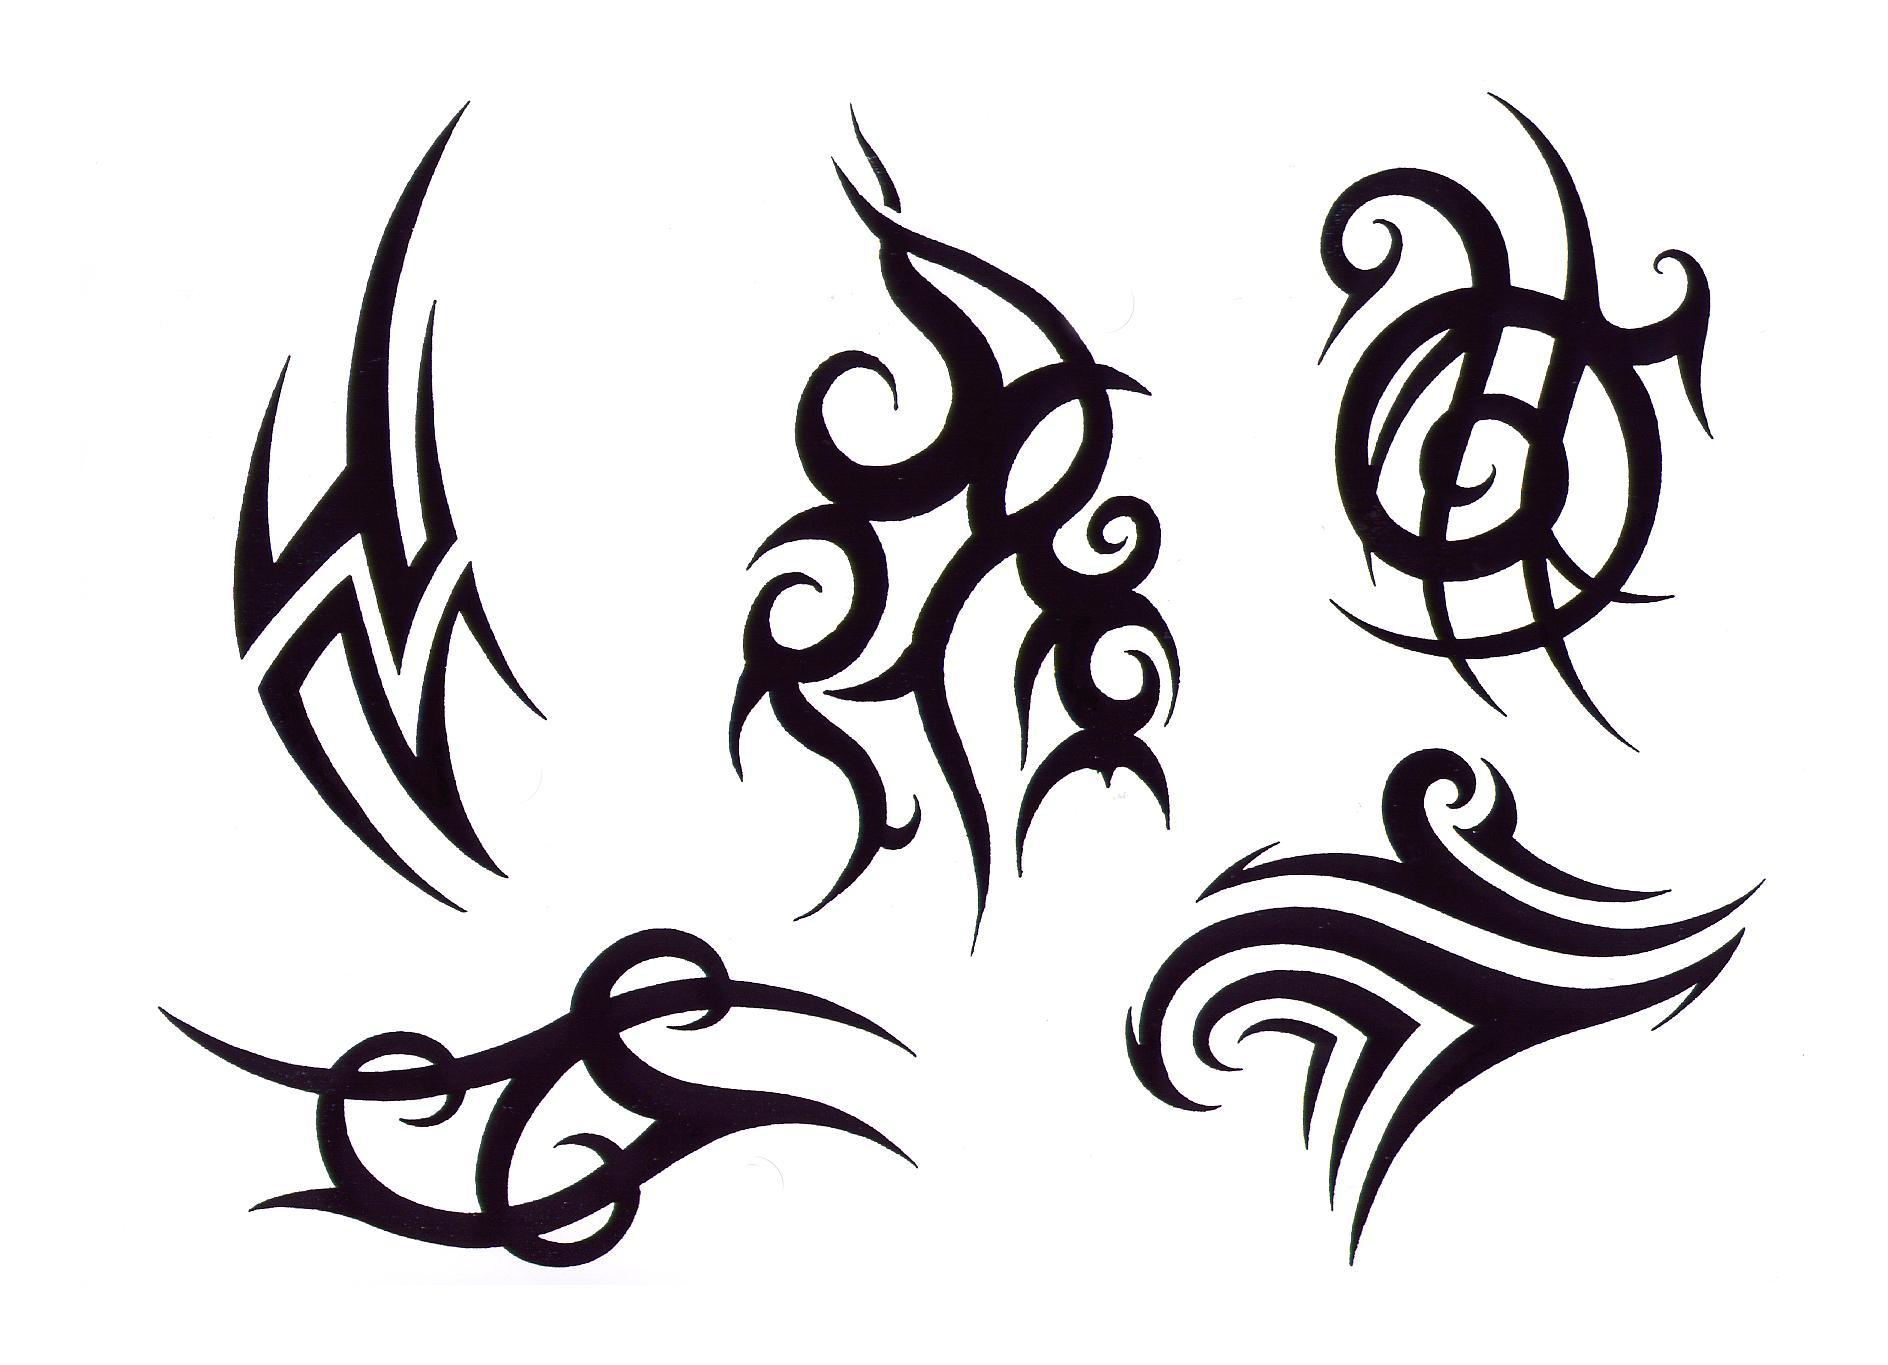 Tribal Tattoo Line Drawing : Tribal lines tattoo clipart best